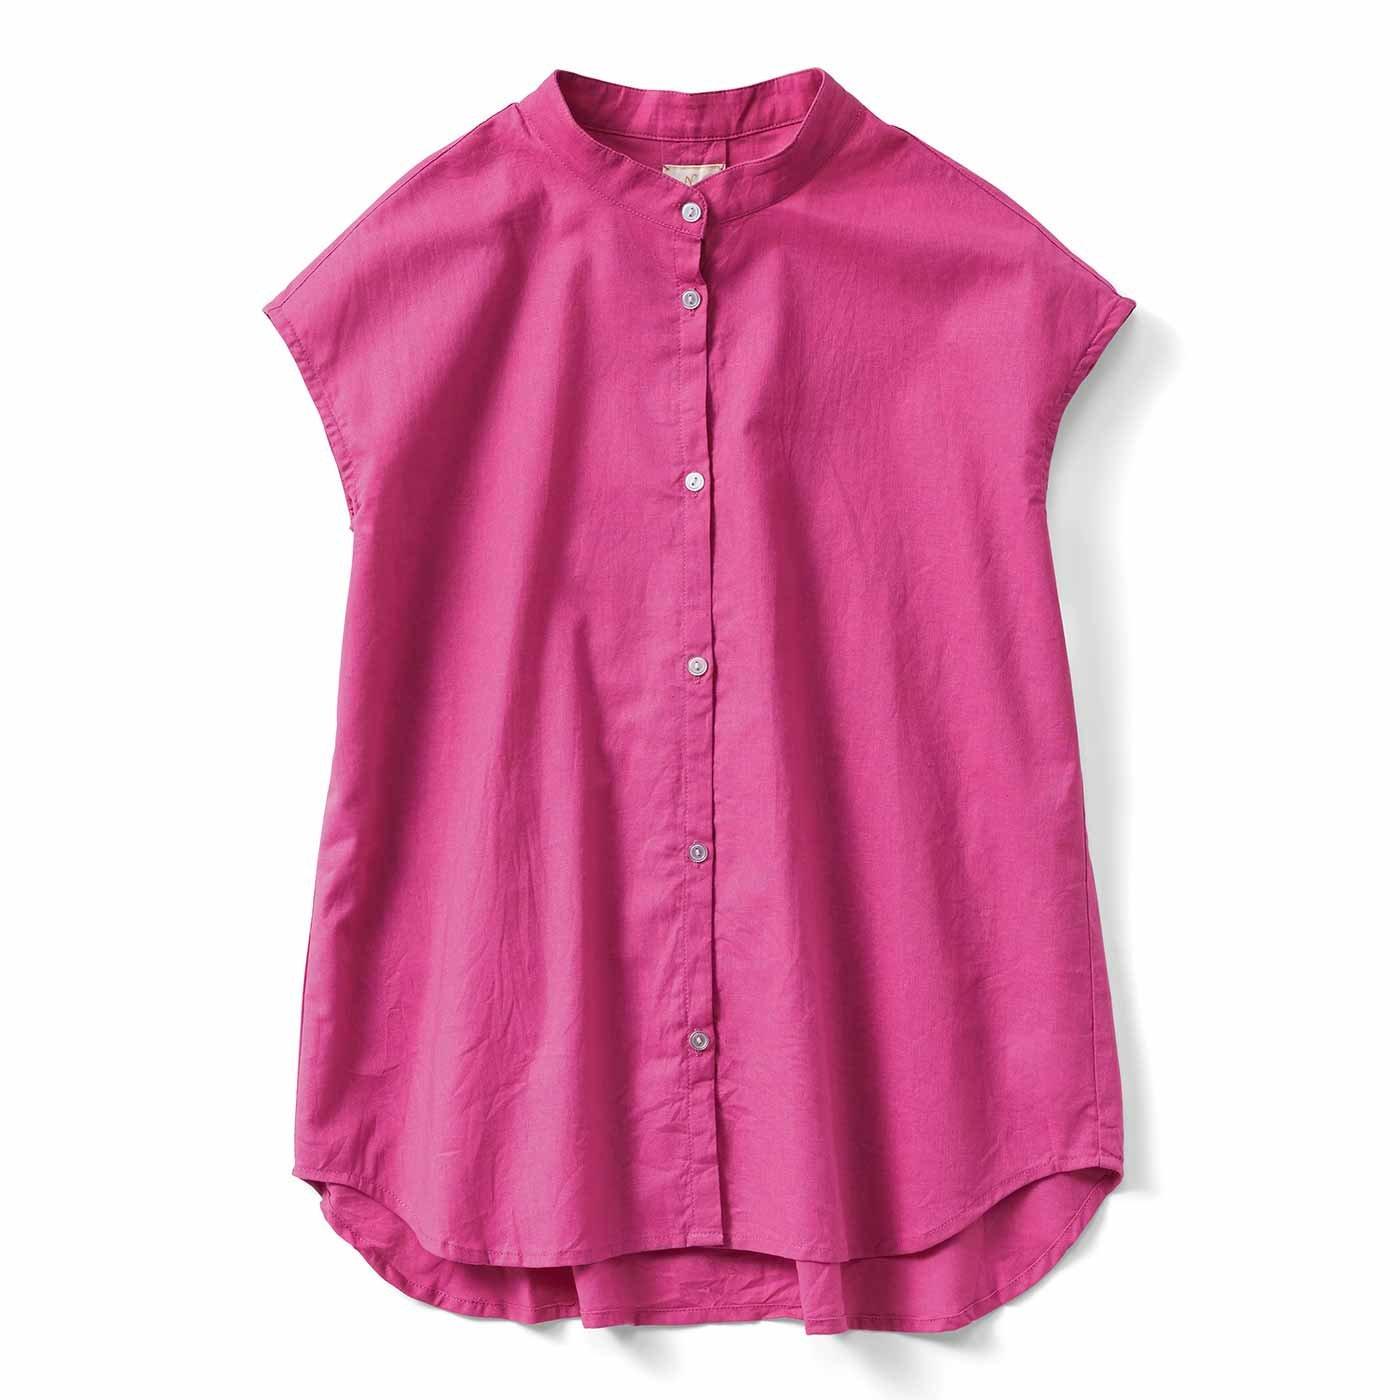 【3~10日でお届け】IEDIT[イディット] コットンリネンのバンドカラーシャツ〈ドラゴンフルーツピンク〉